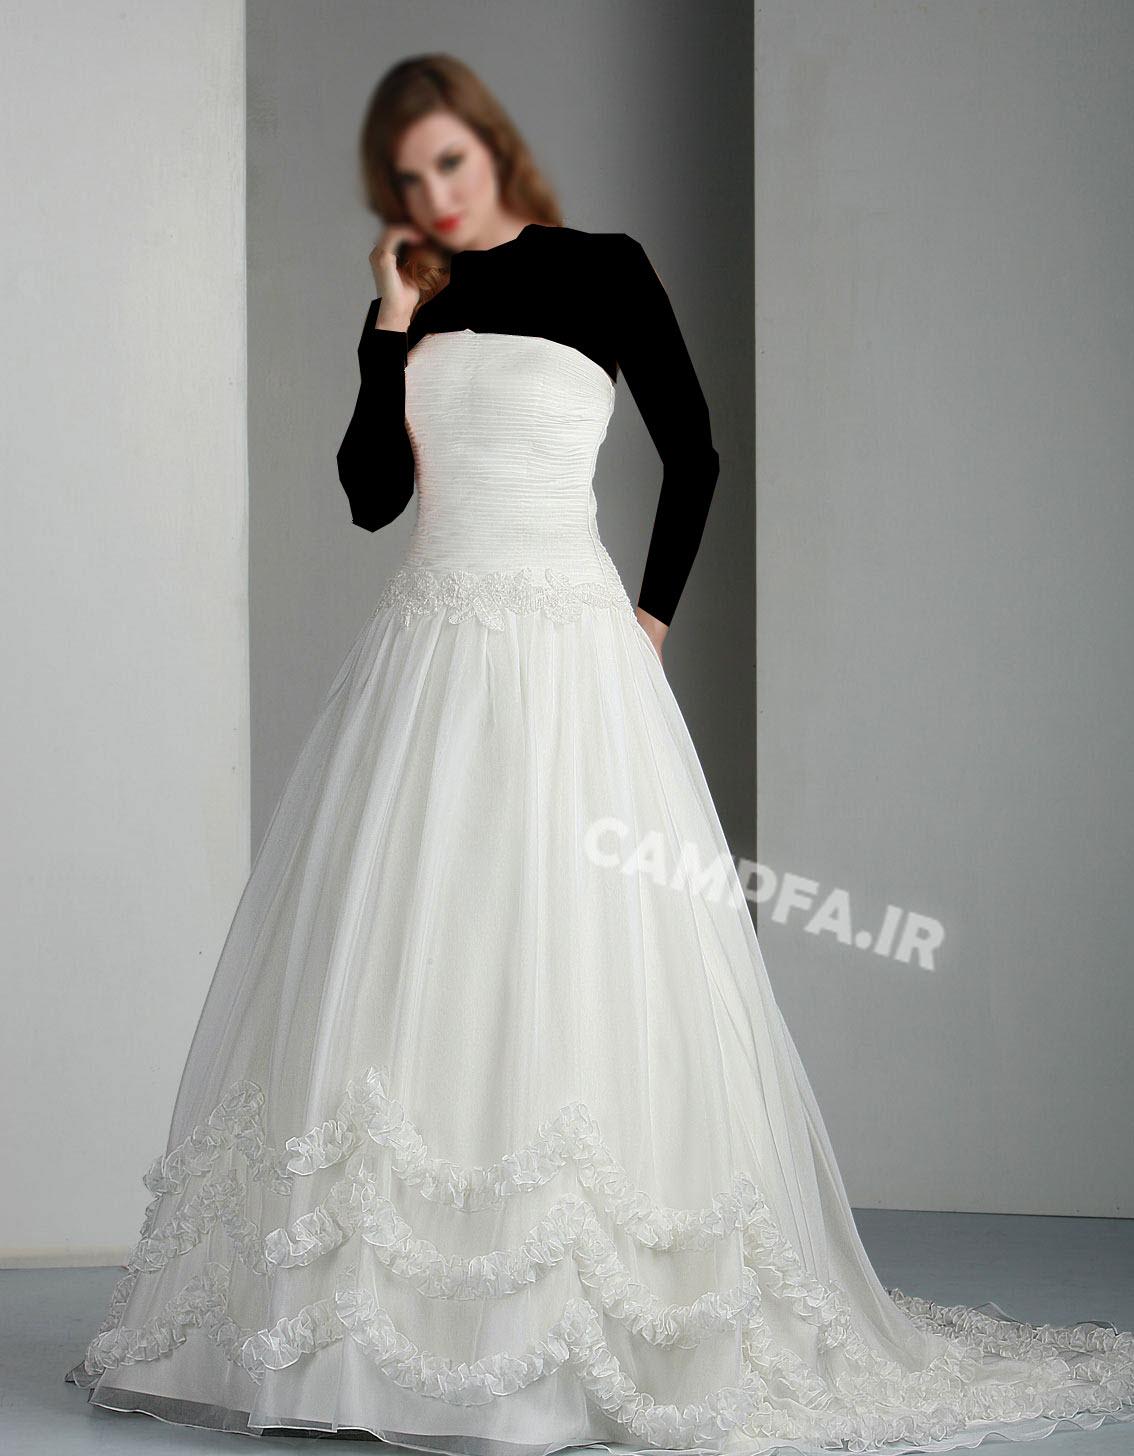 ژورنال لباس عروس اروپایی 2013 - www.campfa.ir